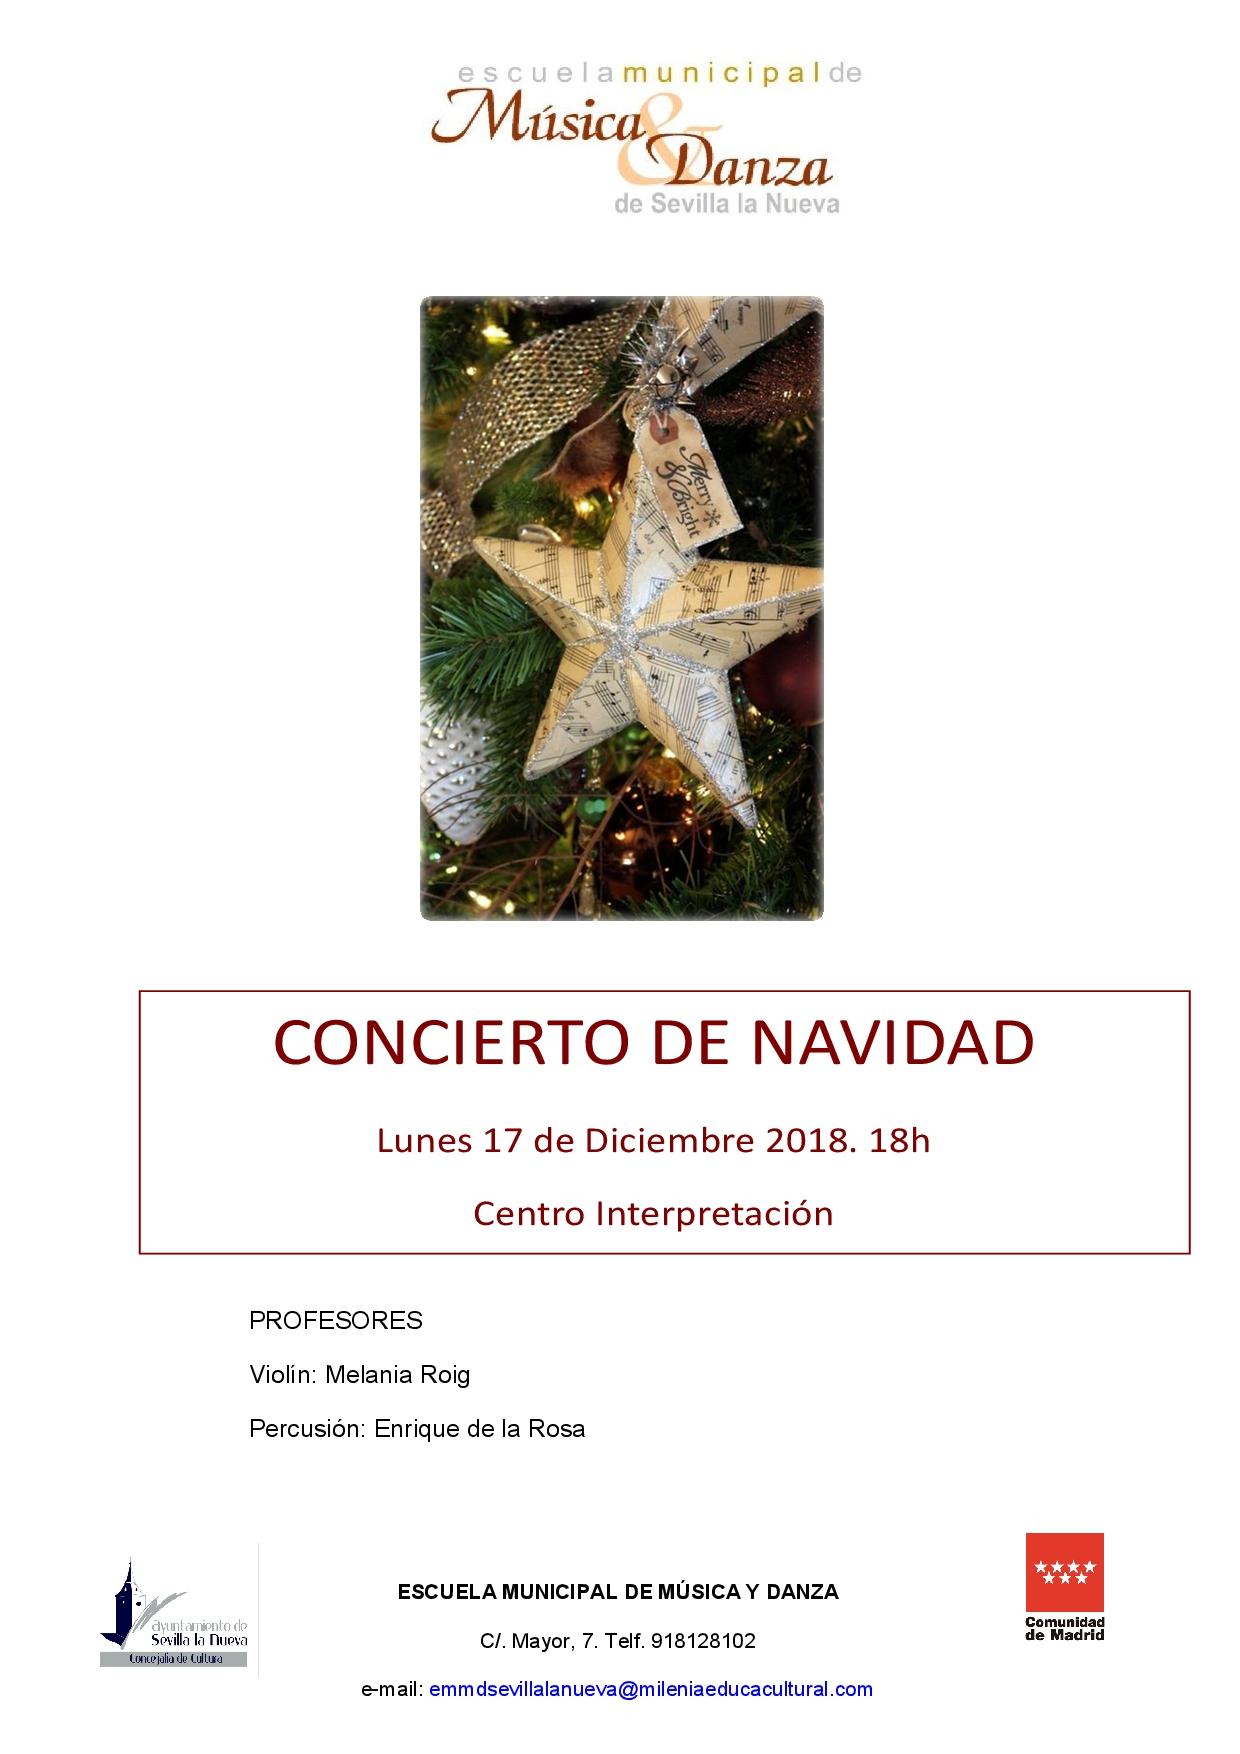 CONCIERTO DE NAVIDAD – Alumnos de violín y percusión de la EMMD @ Centro de Interpretación